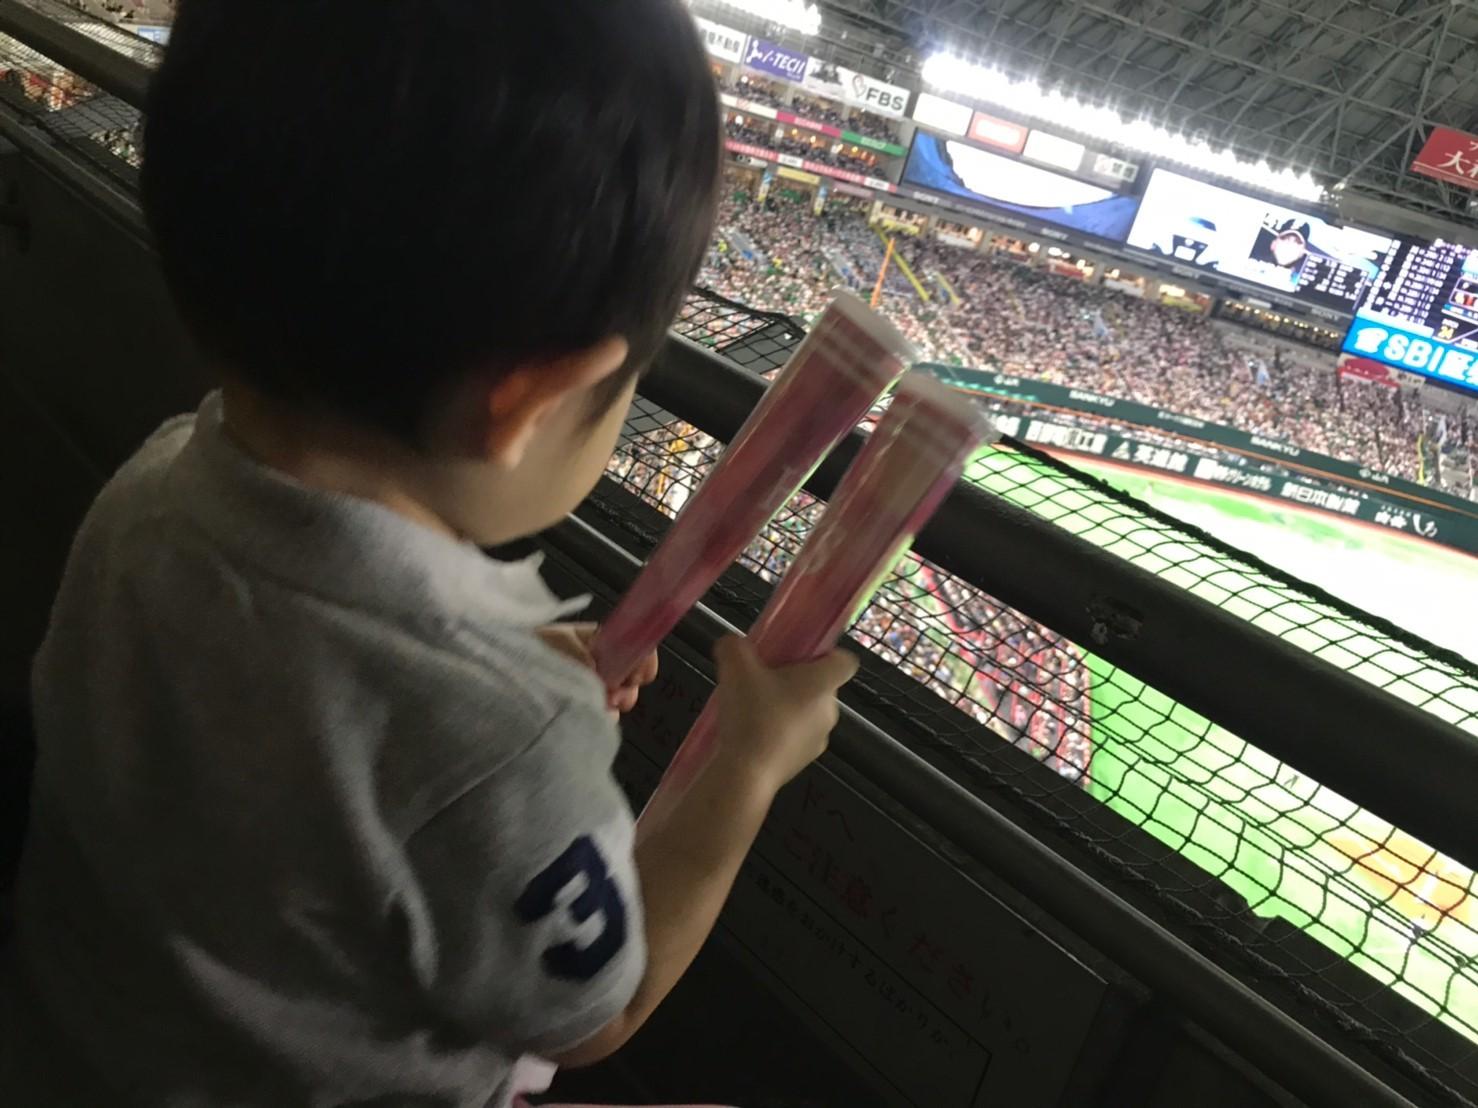 【超リッチ野球観戦】ソフトバンクホークス★スーパーボックス!_b0191255_18535112.jpg